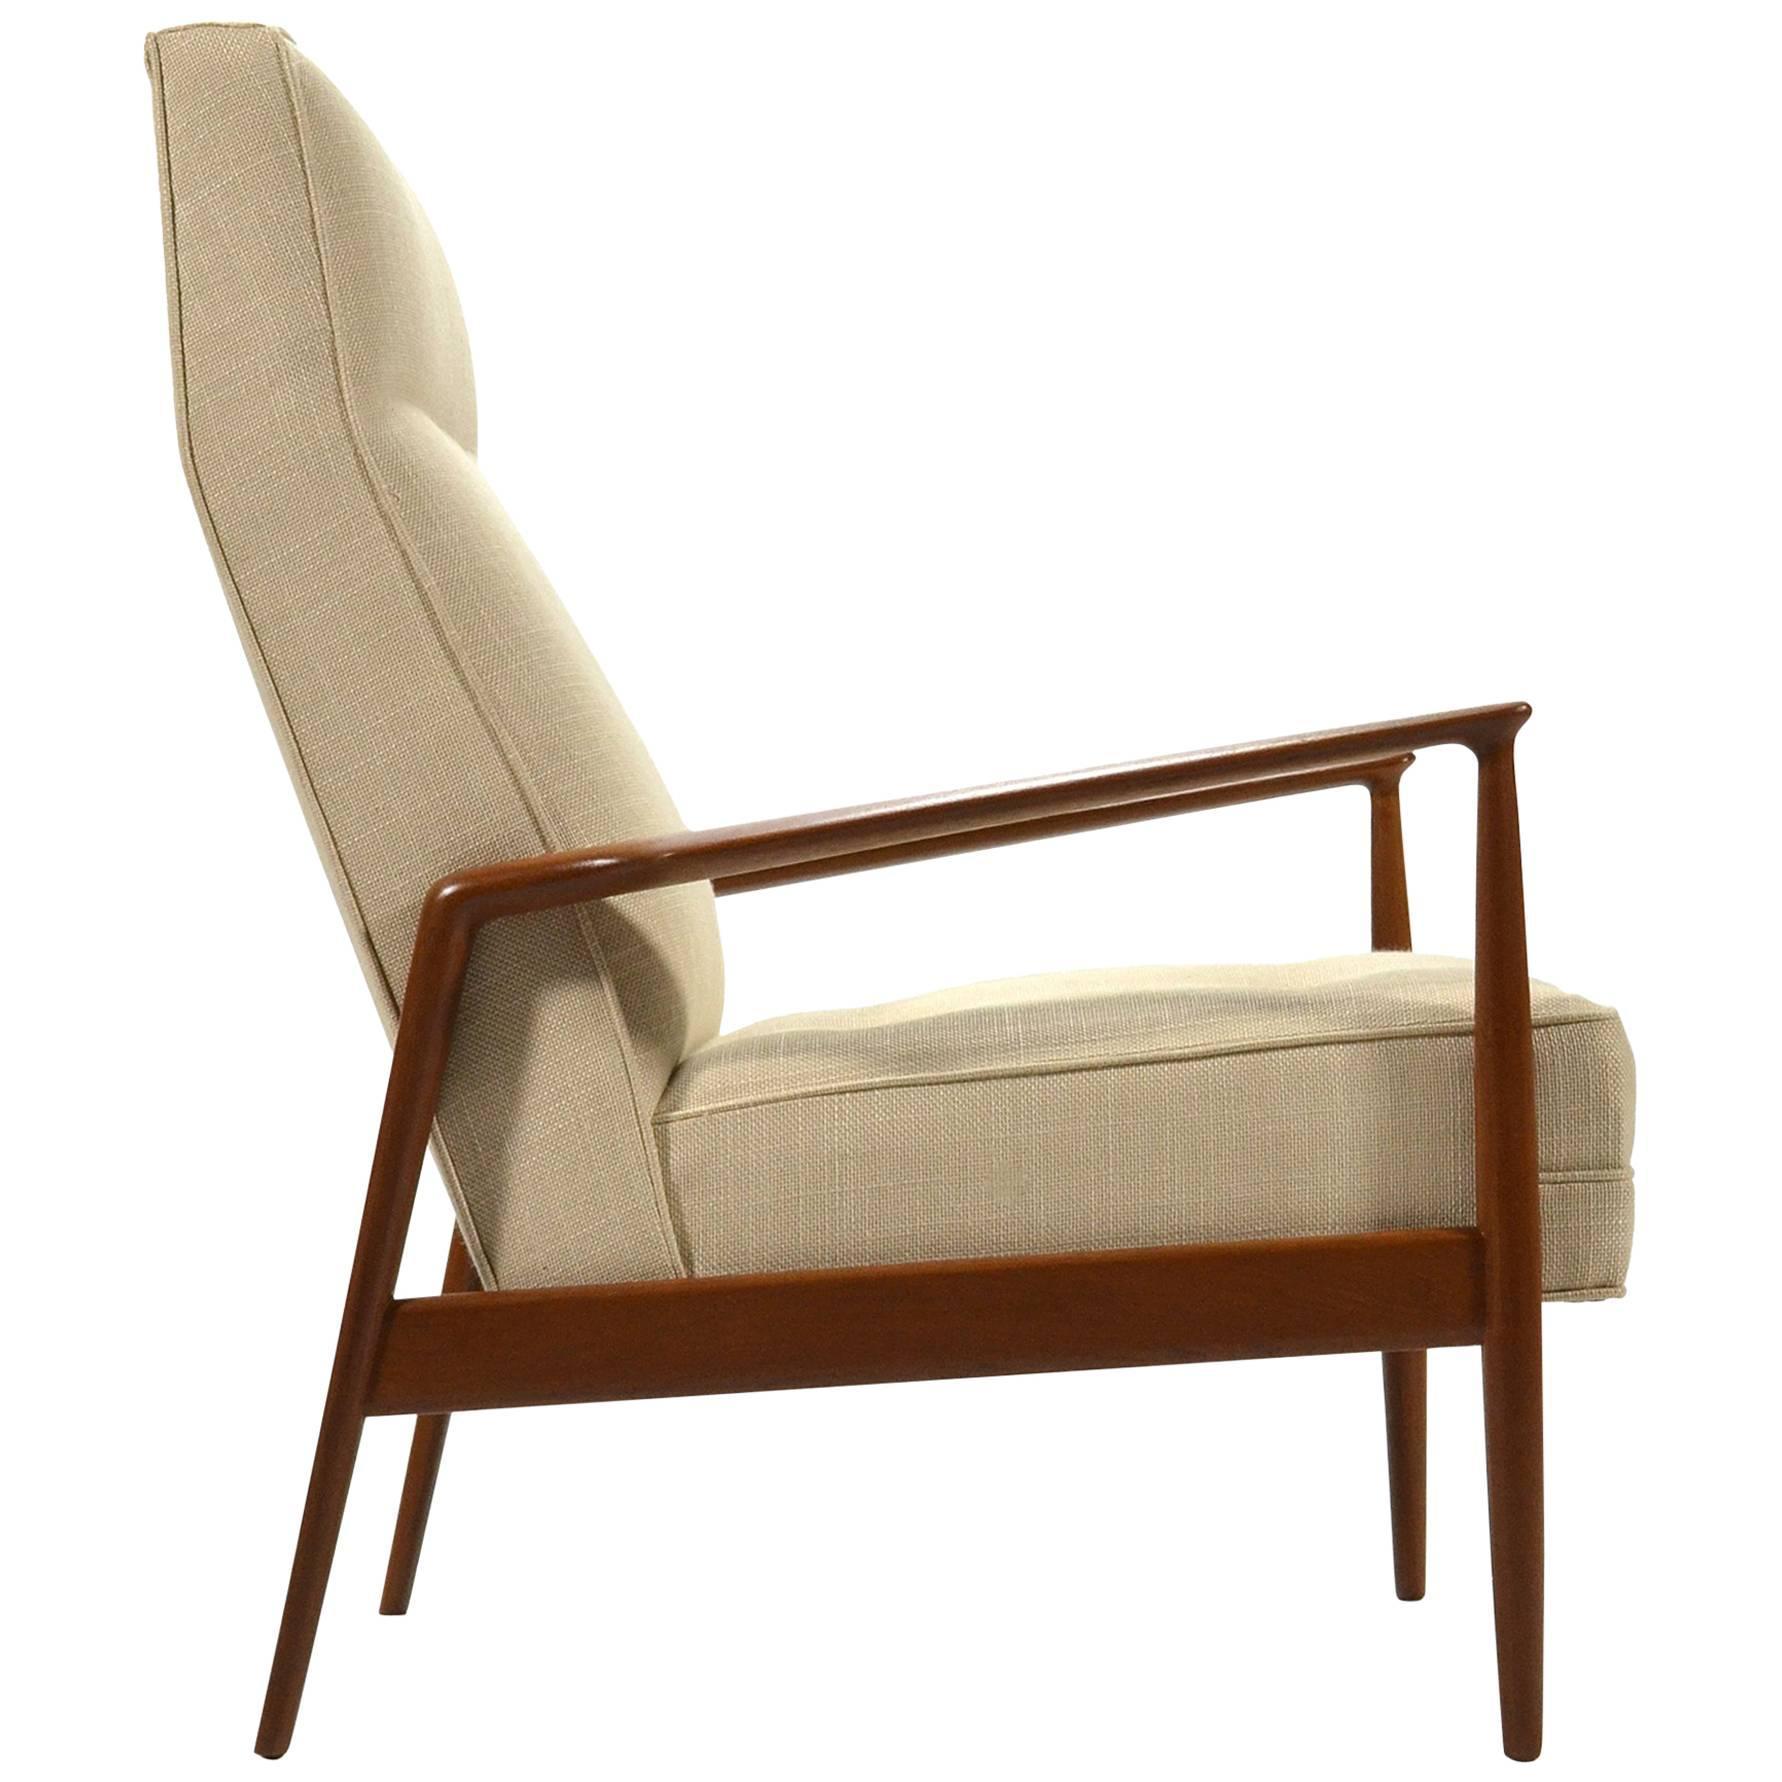 Ib Kofod-Larsen Highback Lounge Chair